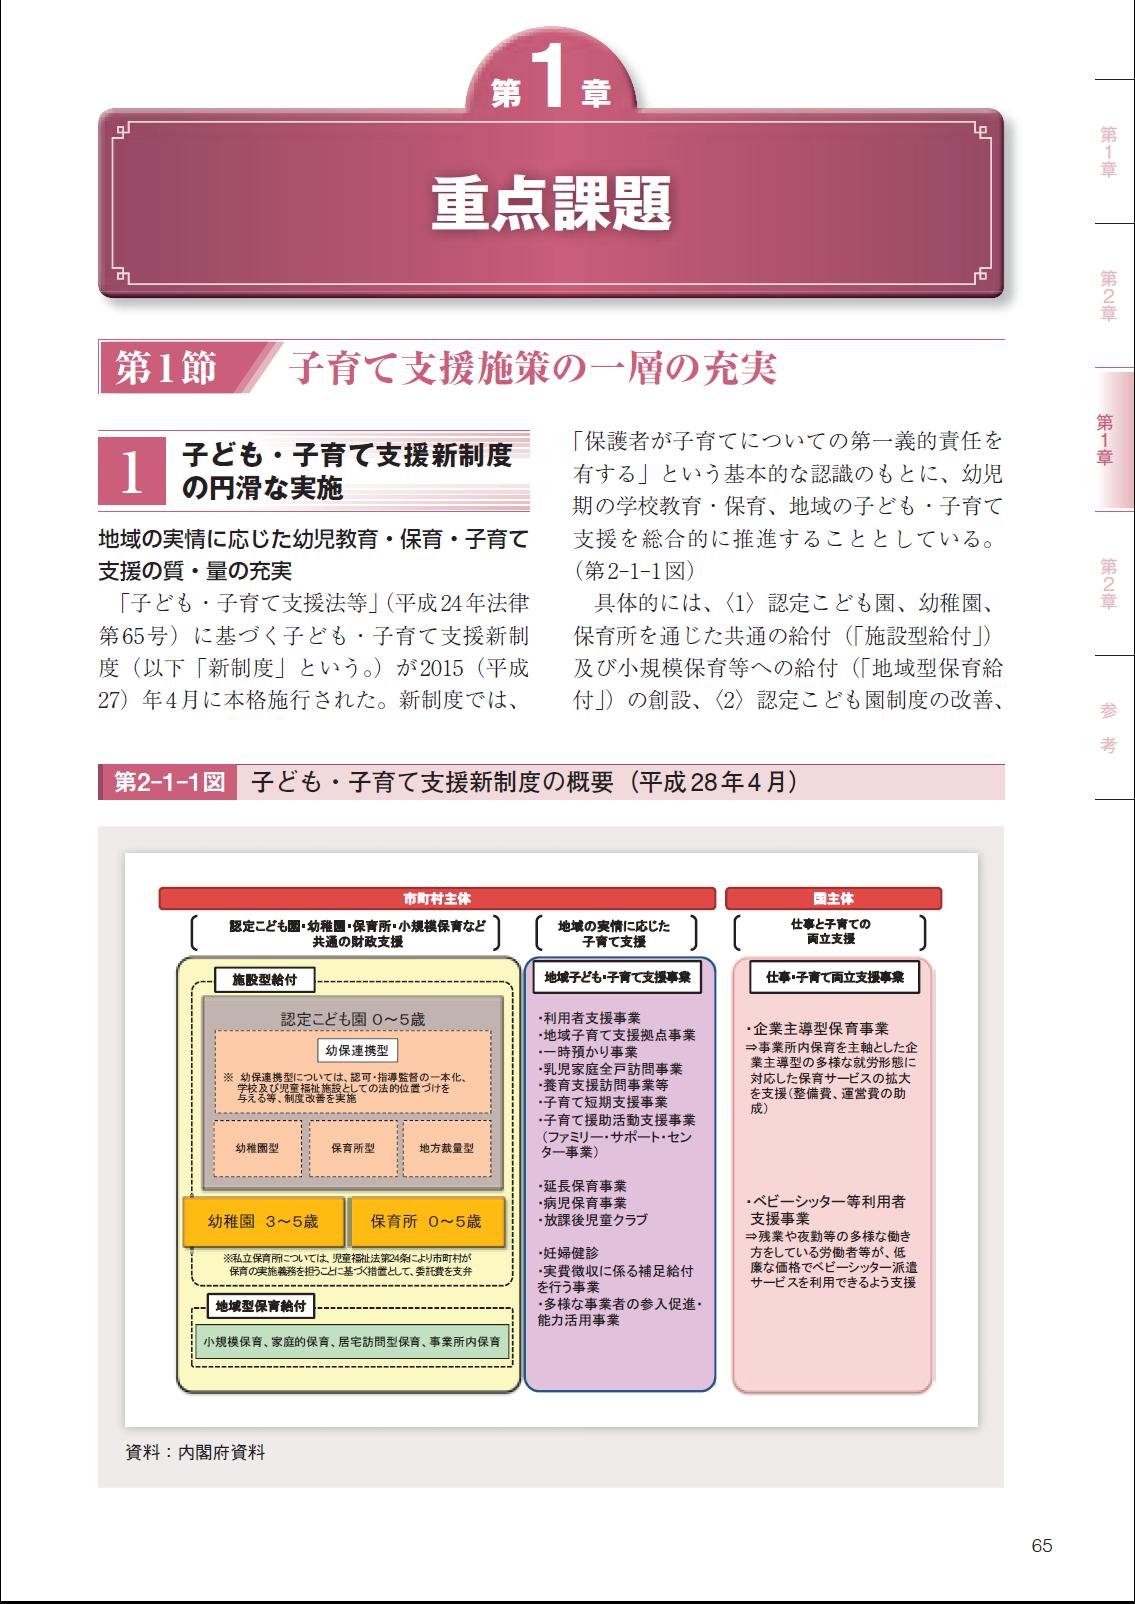 医療機関への入院時の居宅介護支援事業所からの情報提供の実態